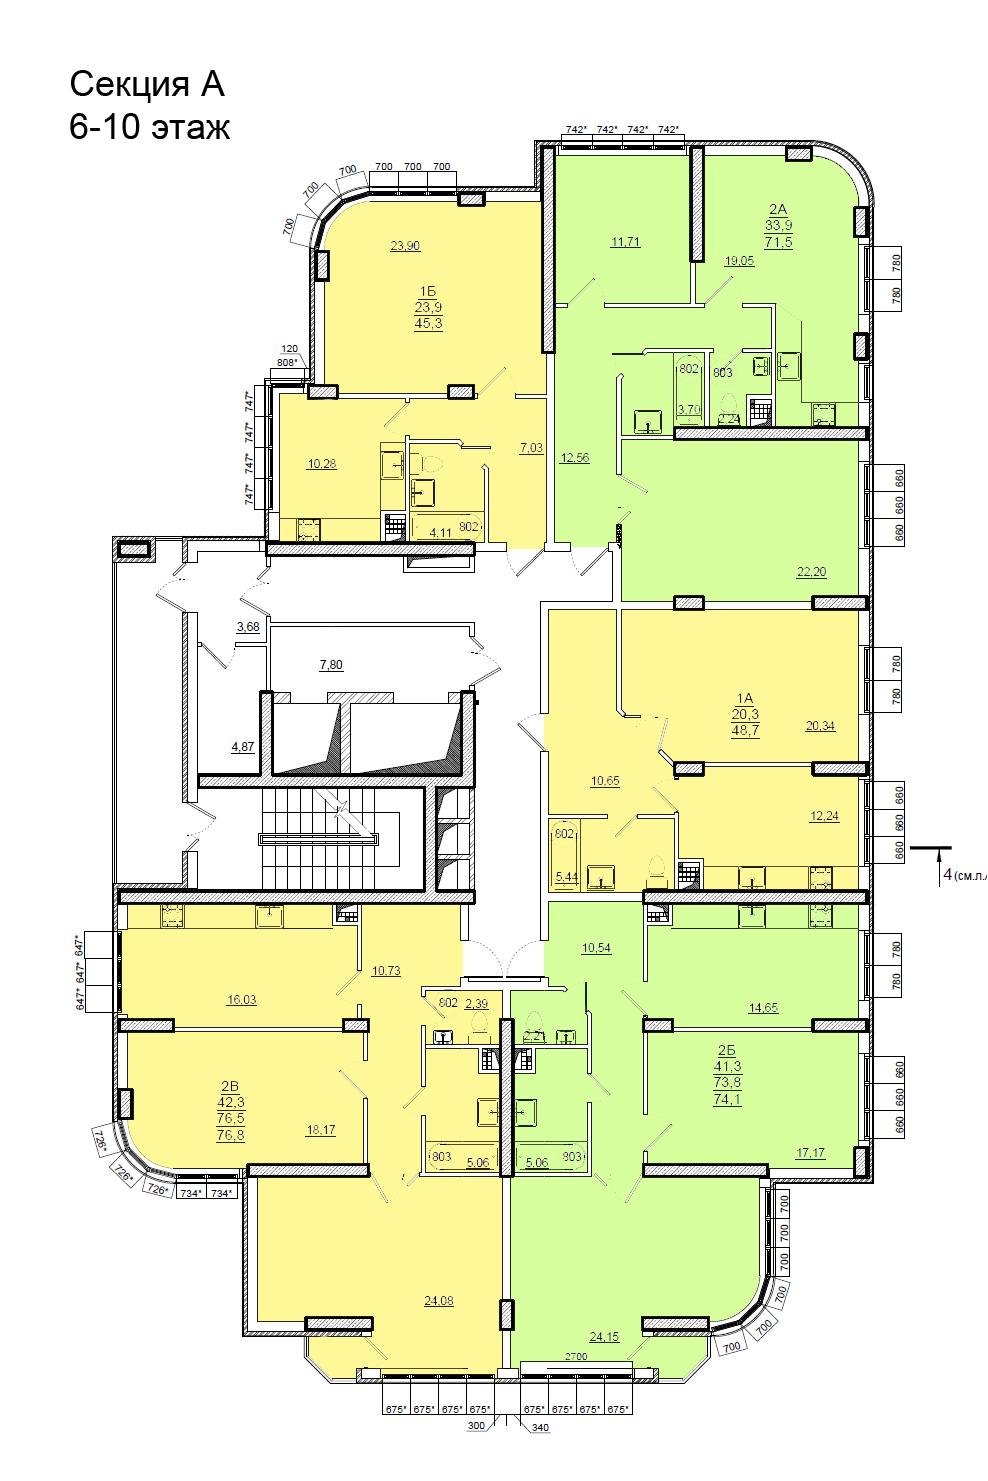 Планировки ЖК Люксембург Стикон секция А, этаж 6-10